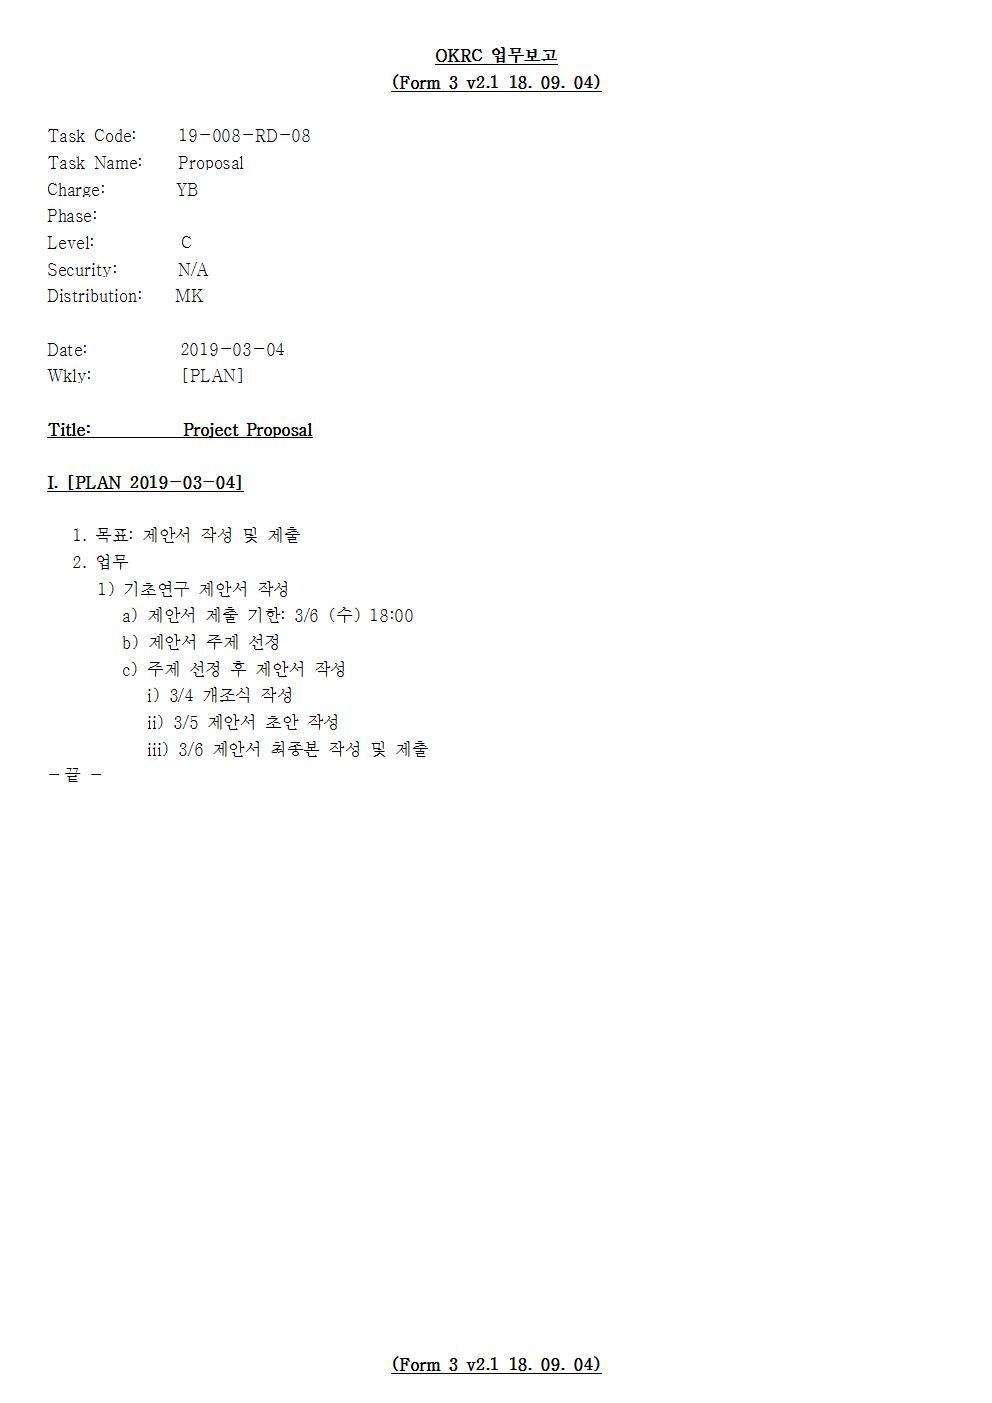 D-[19-008-RD-08]-[Proposal]-[2019-03-04][YB]001.jpg